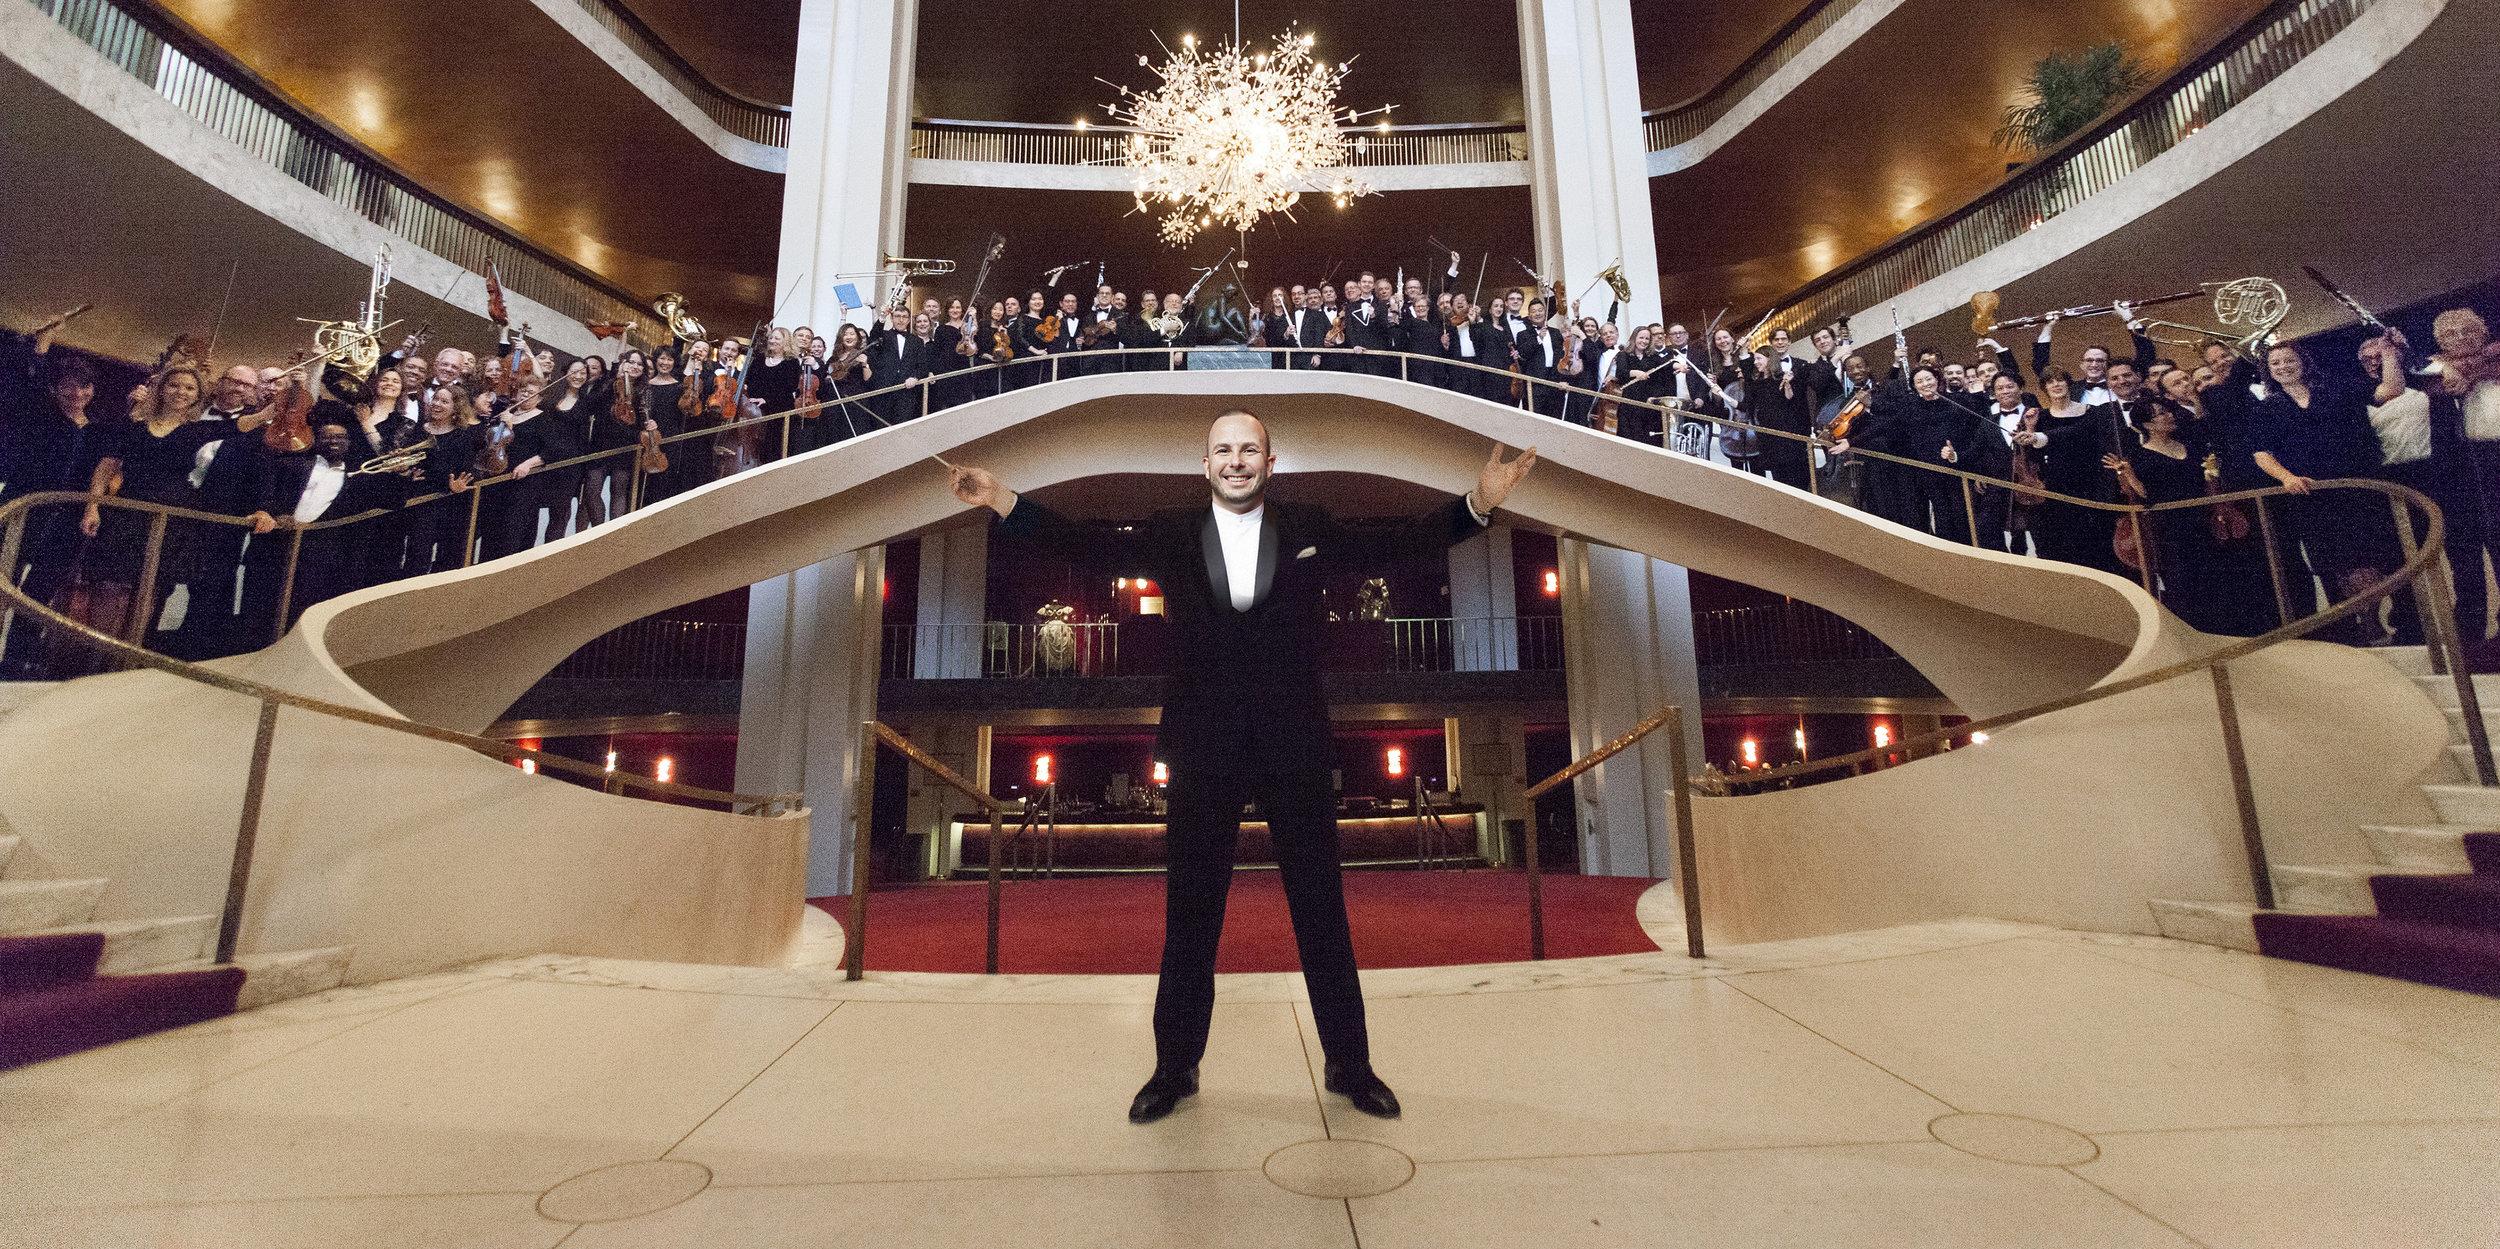 Photo Credit: Rose Callahan /Metropolitan Opera